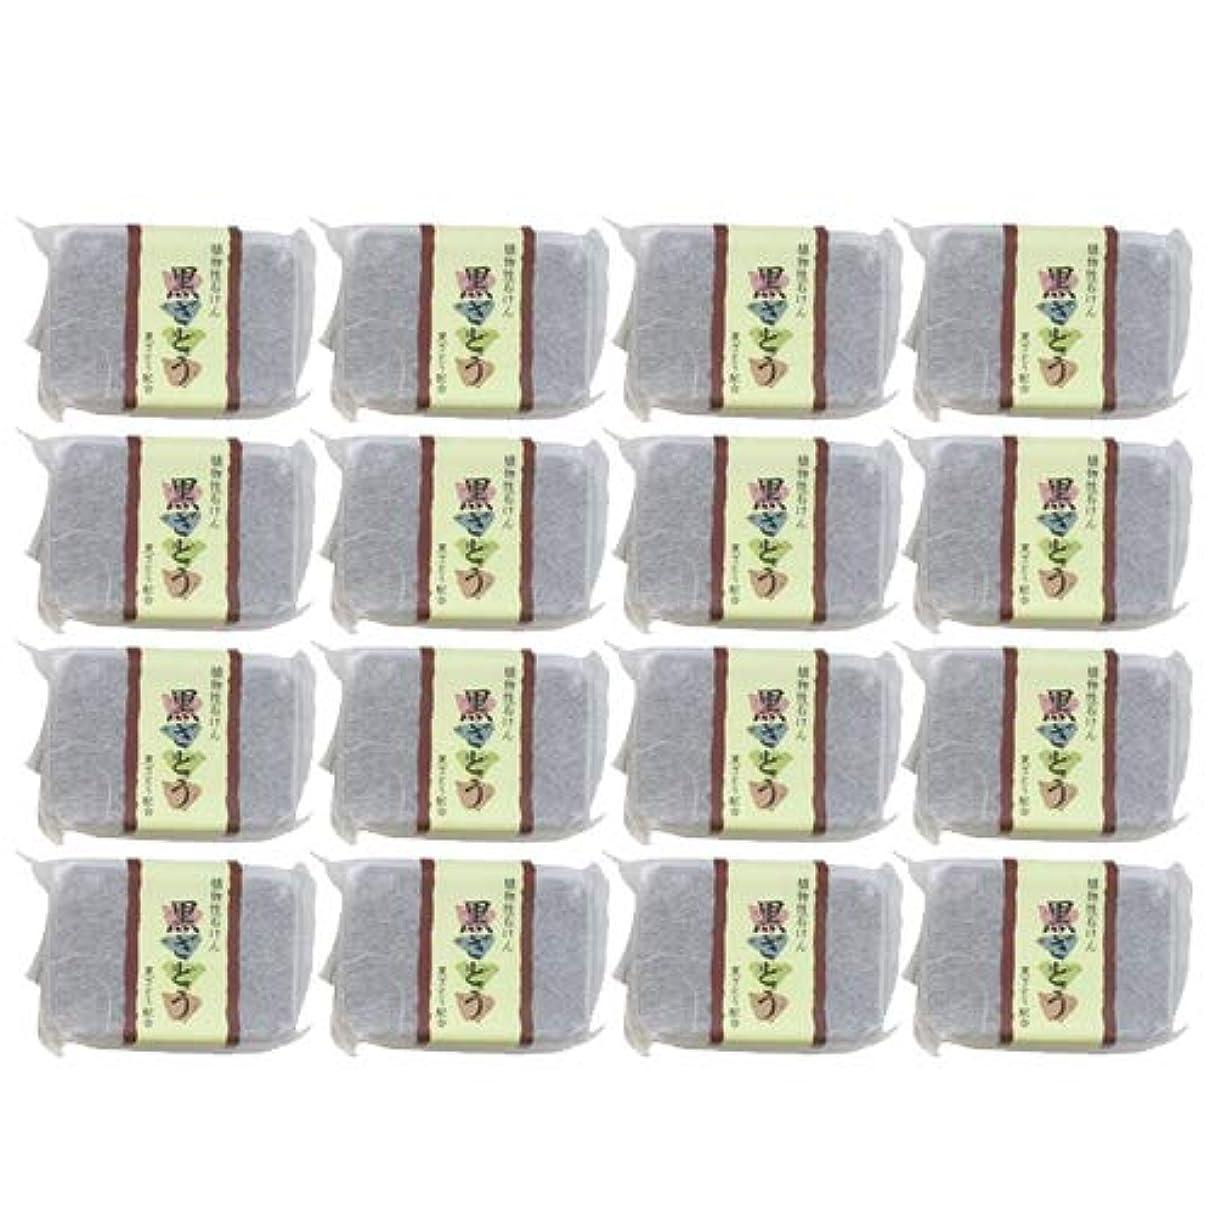 ストレスの多いボリュームゆるく植物性ソープ 自然石けん 黒ざとう 80g ×16個